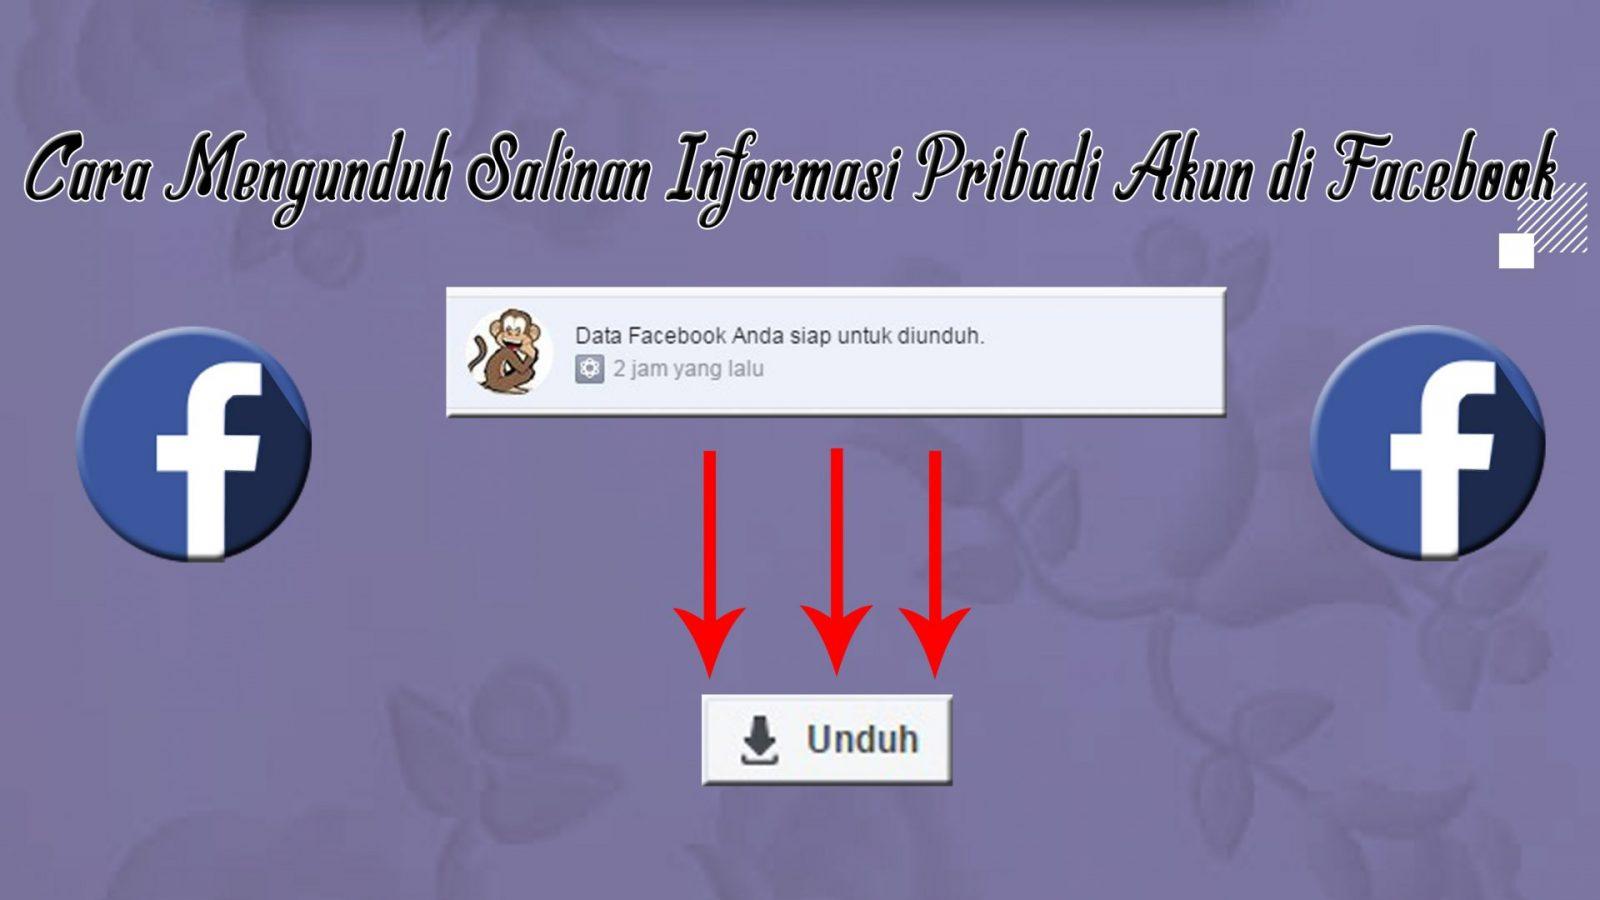 Cara Mengunduh Salinan Informasi Pribadi Akun di Facebook